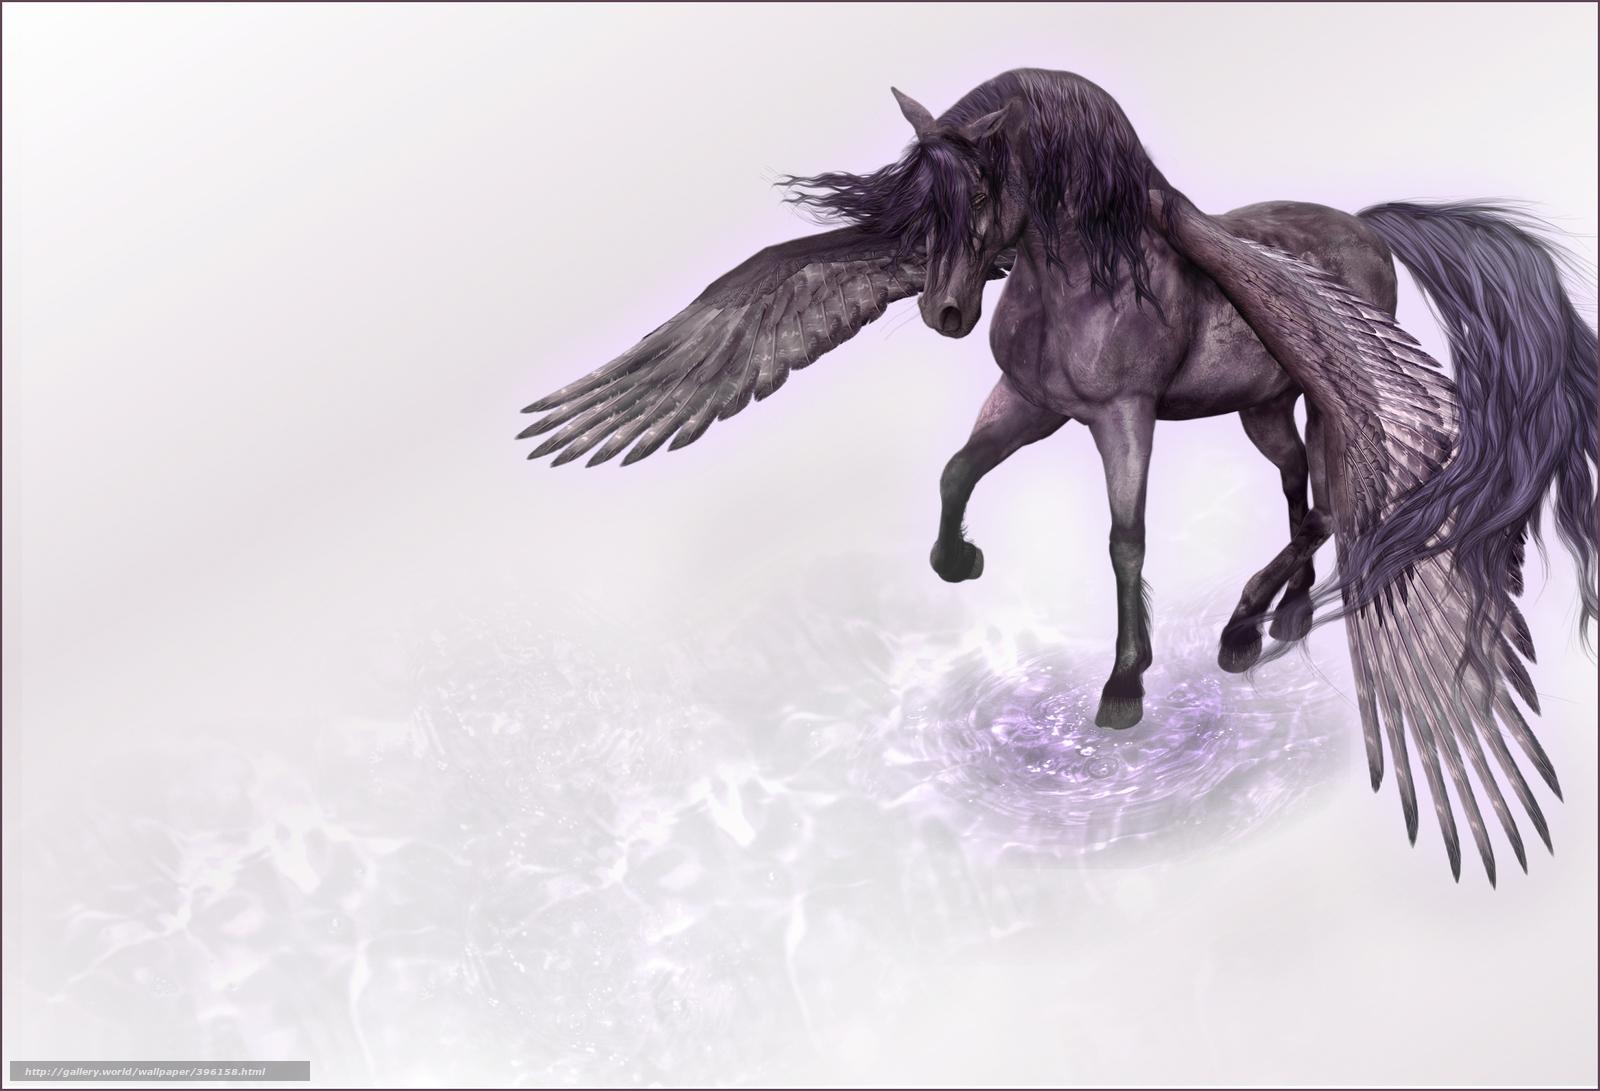 Scaricare Gli Sfondi Unicorno Ali Cavallo Sfondi Gratis Per La